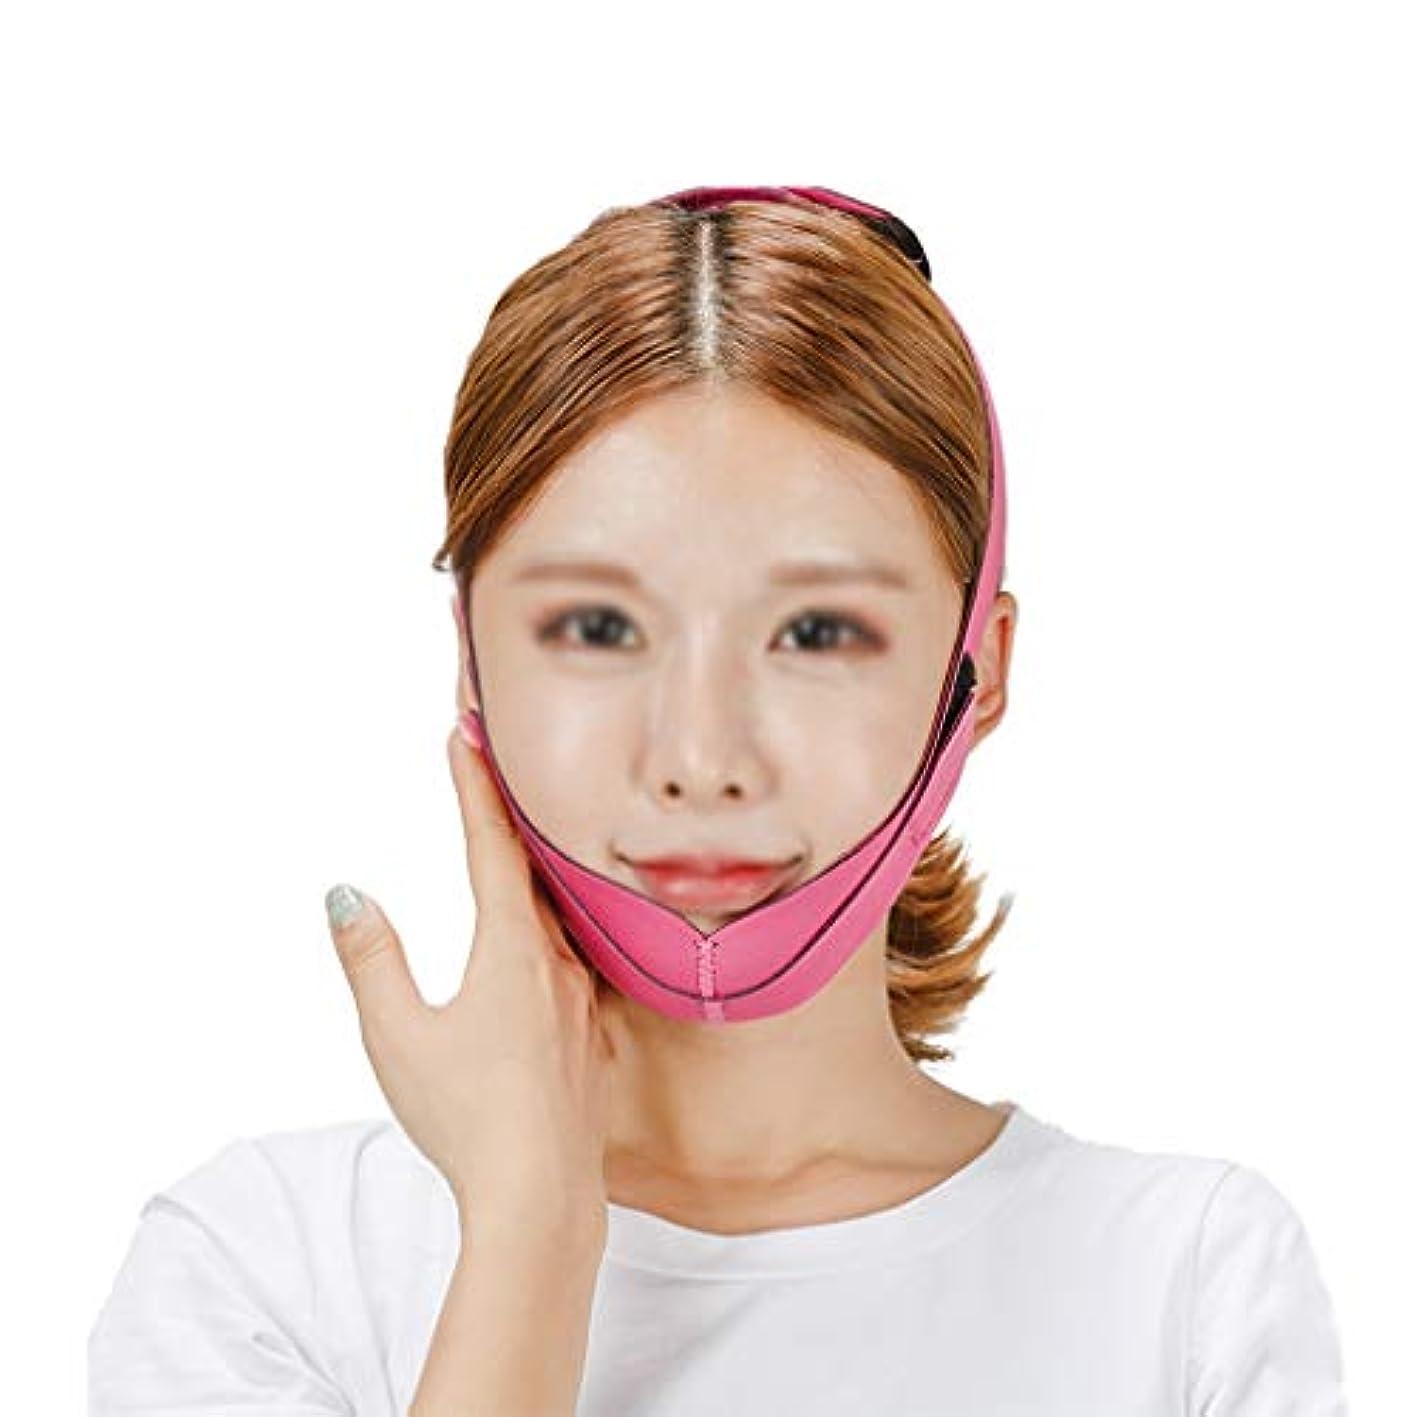 囚人アラブサラボ鉛筆XHLMRMJ 超薄Vフェイスライン、フェイスリフティングマスク、Vフェイスリフティングとリフティングファーミングパターン、シェイピングフェイス、改善ダブルチン、ピンク、女性に適しています